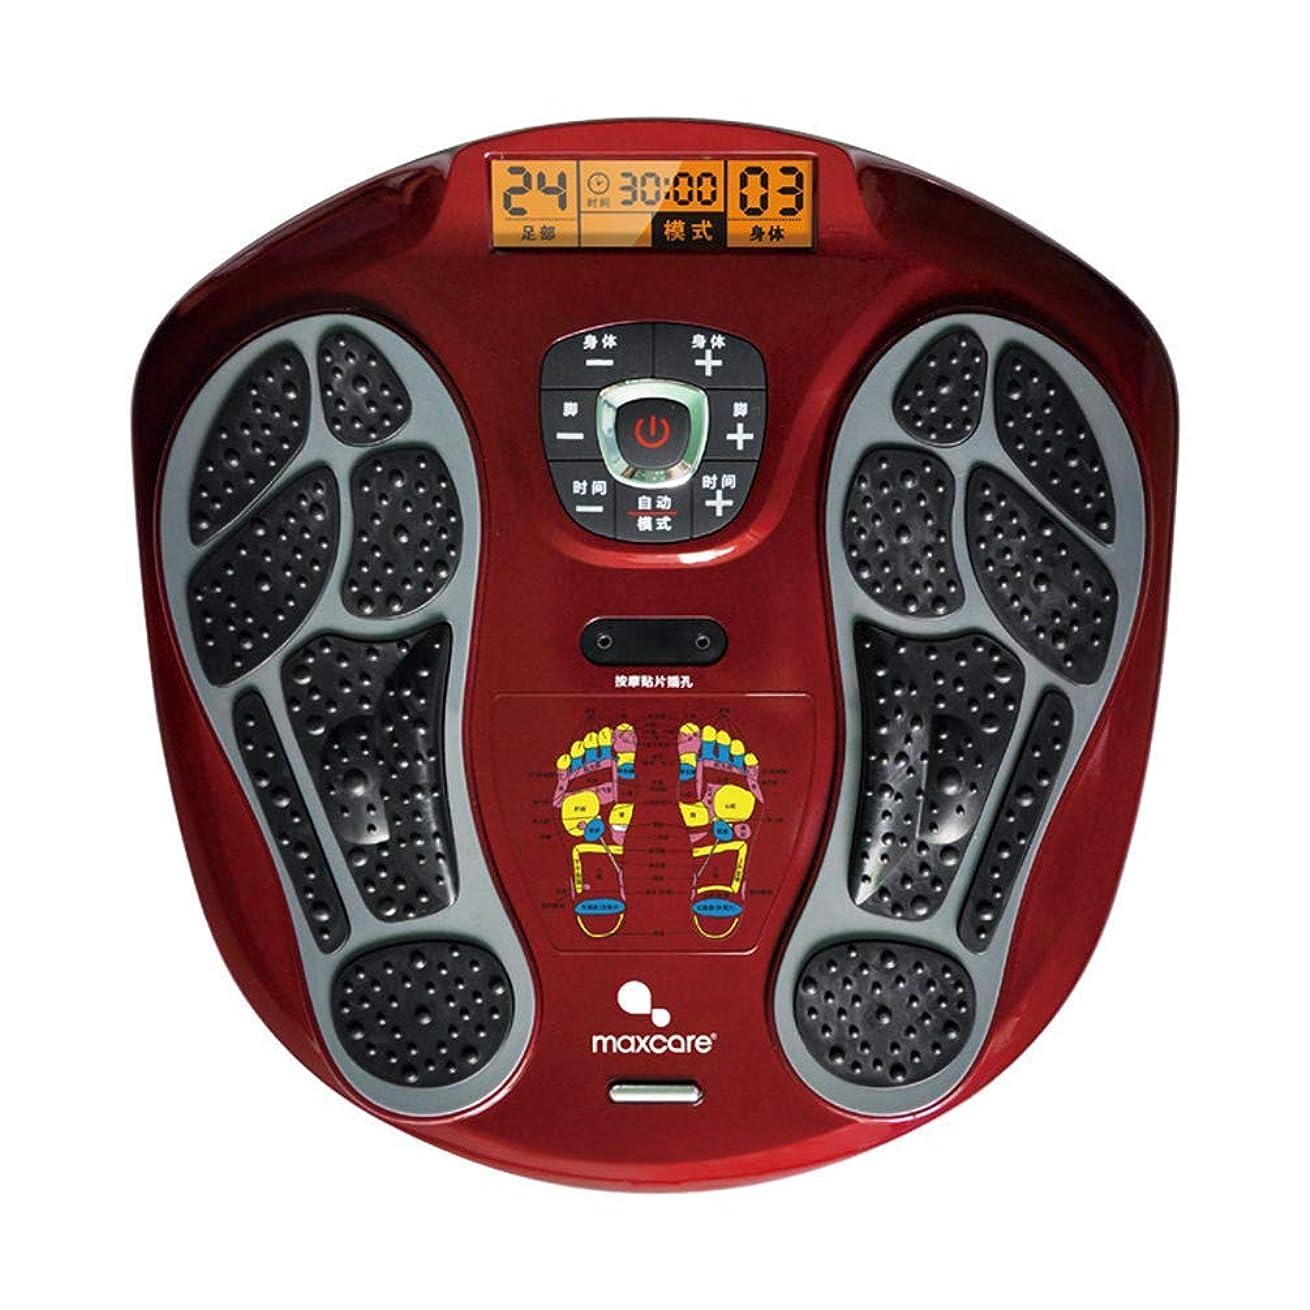 シフトに同意する動物血液循環を促進リモートコントロールフットマッサージャー指圧、ワイヤレスコントロール、足裏マッサージ機足底筋膜炎の痛みを伴う電気足マッサージインテリジェントホームオフィスインテリジェント